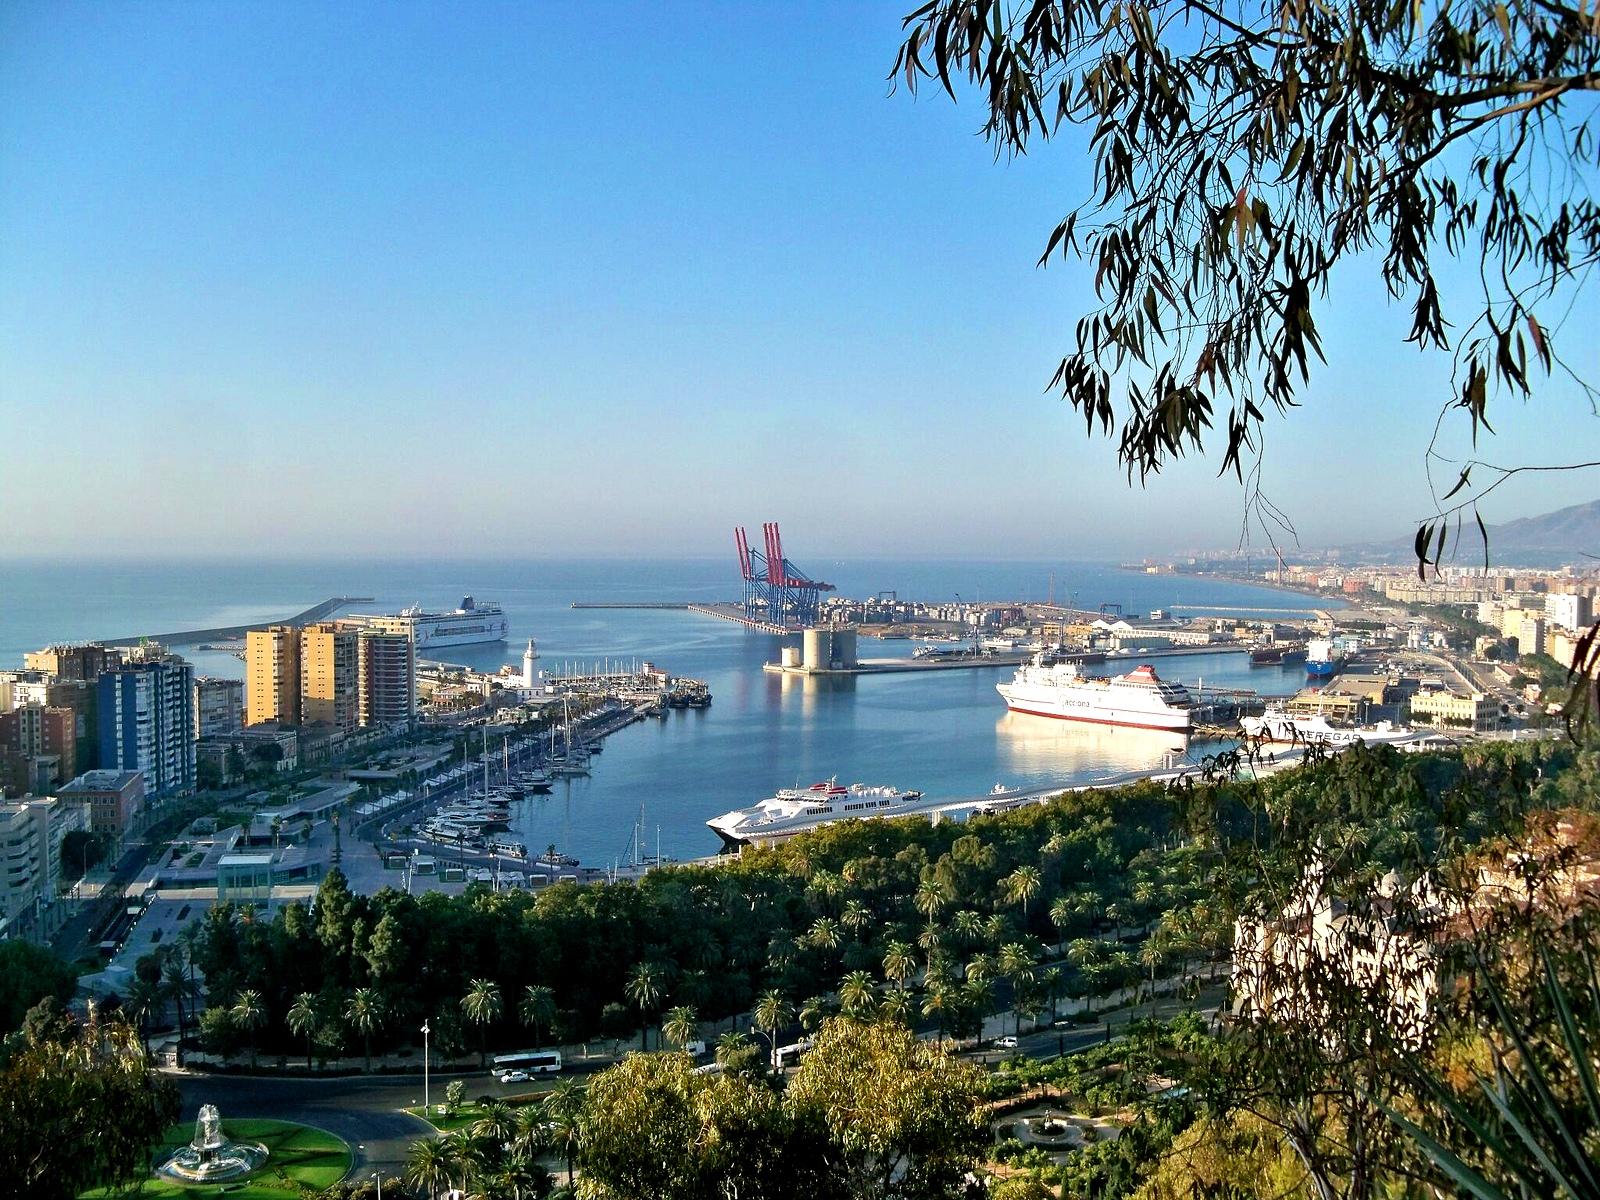 El puerto de Málaga. Autor, Dcapillae